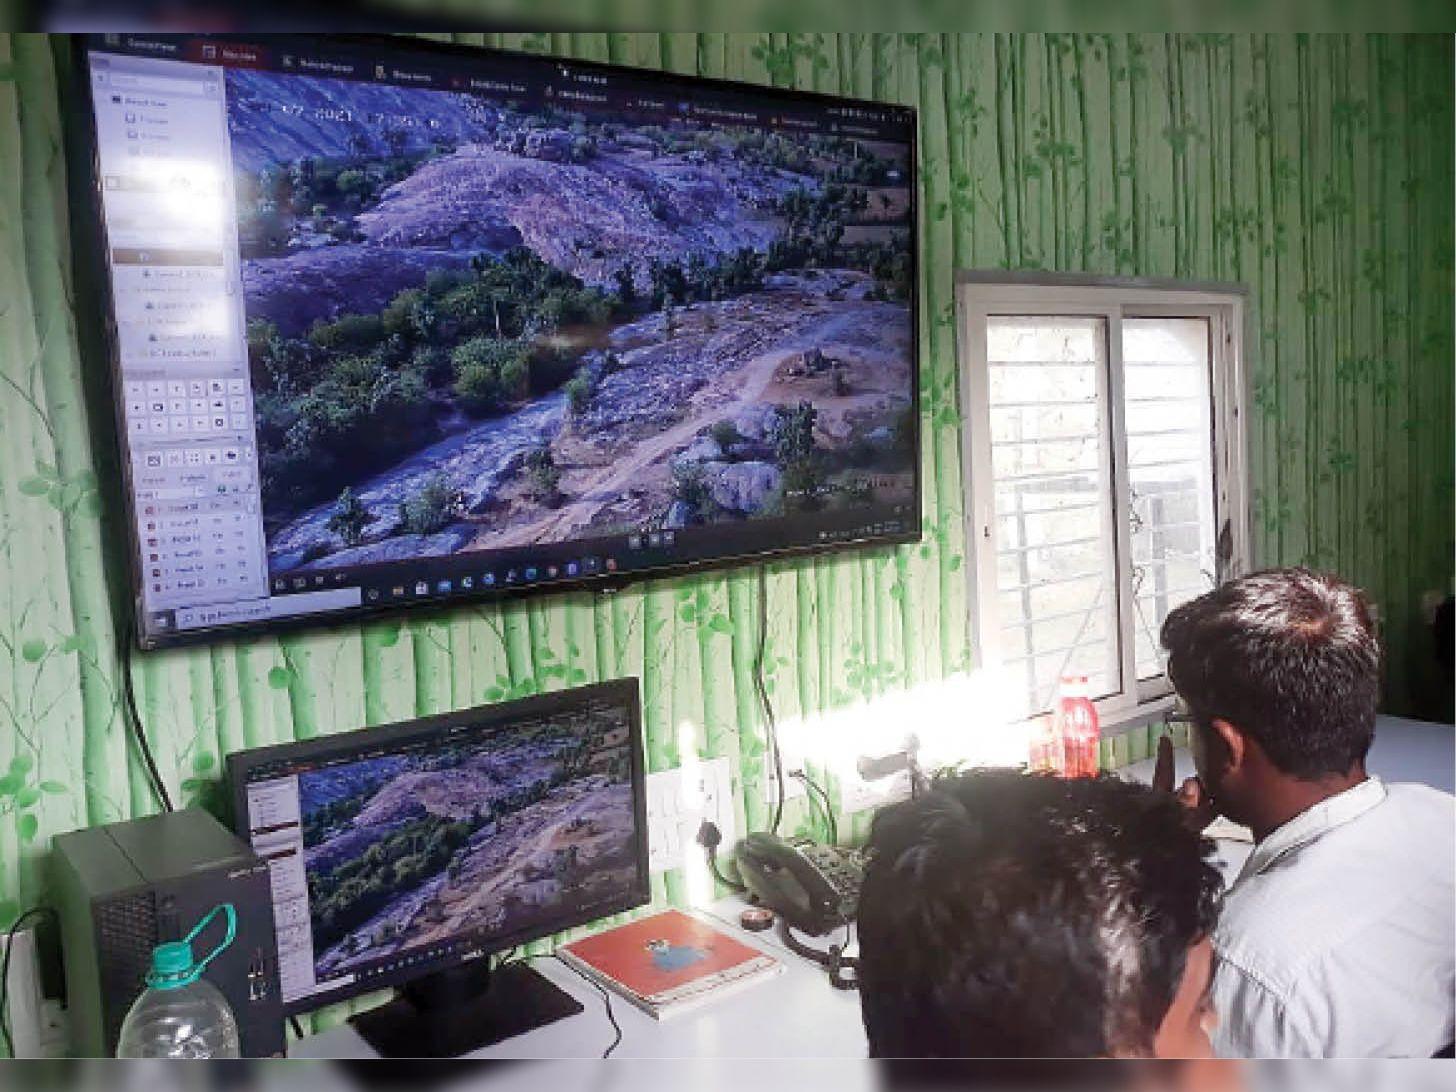 जंगल में शिकार राेकने 9 प्वाइंट पर लगने थे थर्मल कैमरे, 4 जगह ही लगाए, उनका भी रुख बदल दिया|पाली,Pali - Dainik Bhaskar